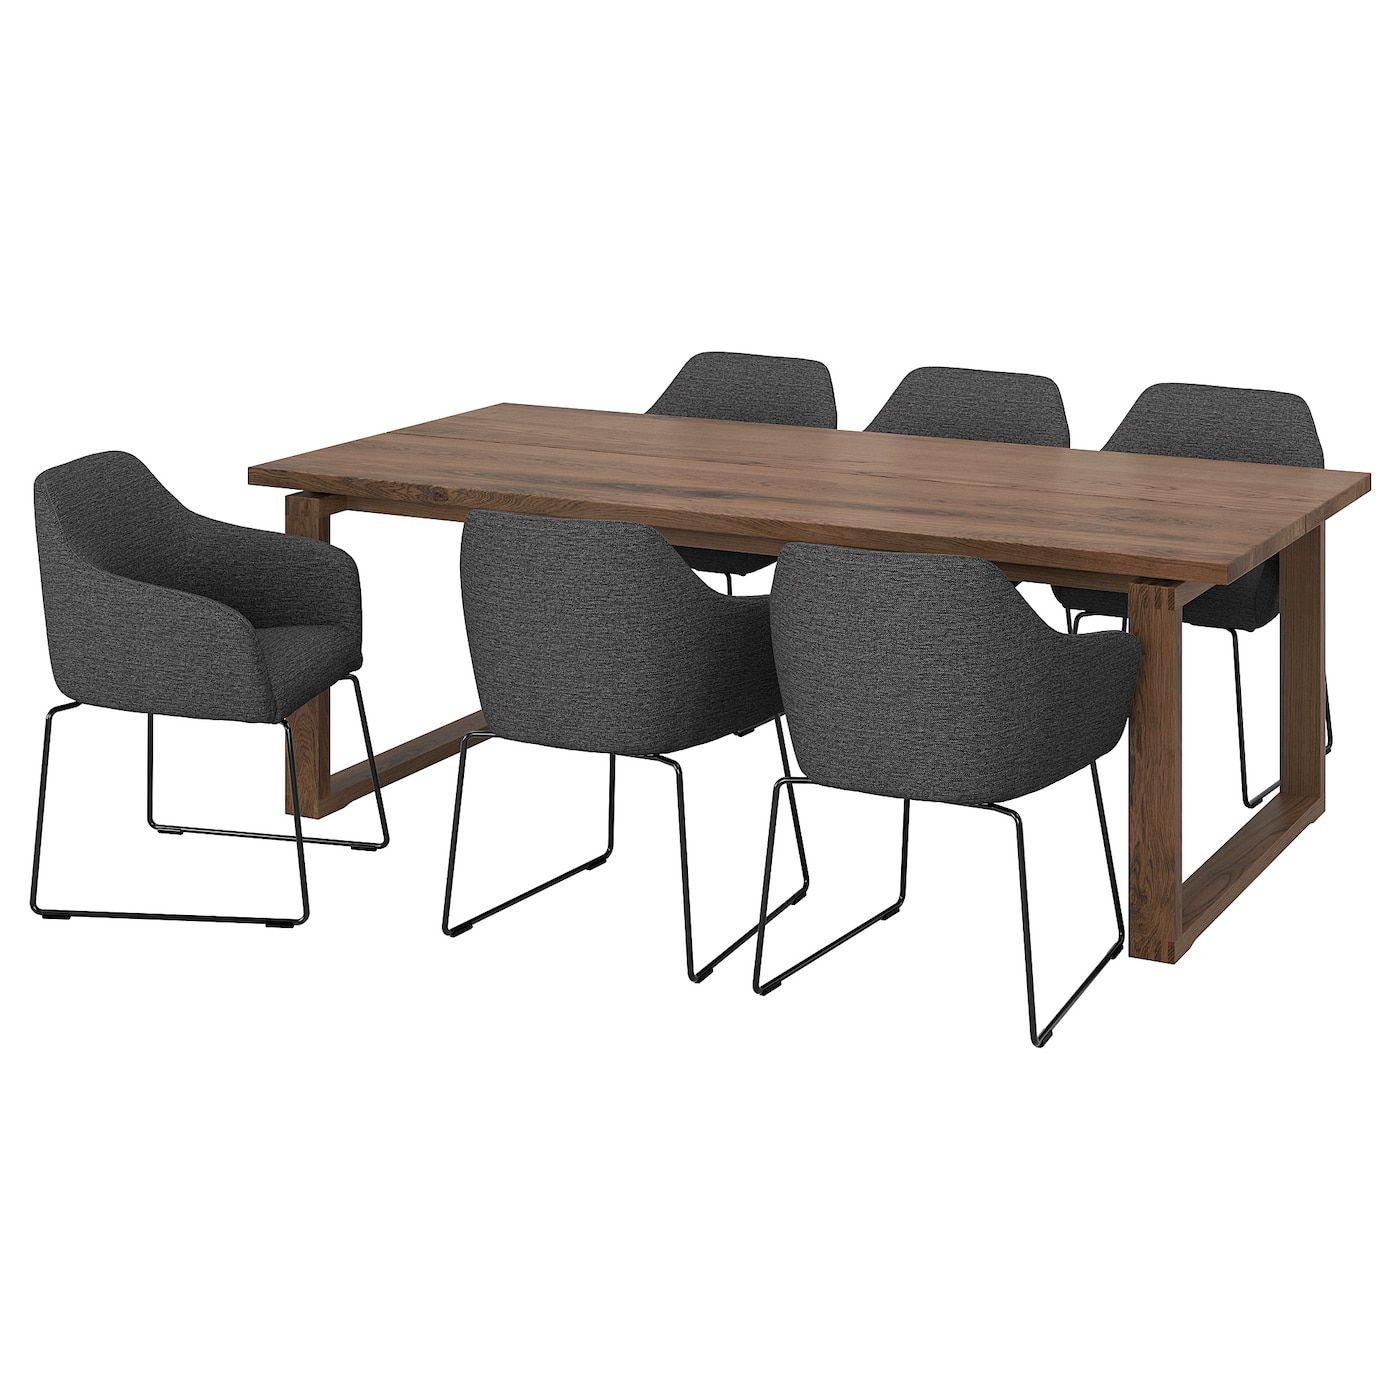 Morbylanga Tossberg Tisch Und 6 Armlehnstuhle Eichenfurnier Braun Las Metall Grau Ikea Osterreich Wohnzimmertische Stuhle Ikea